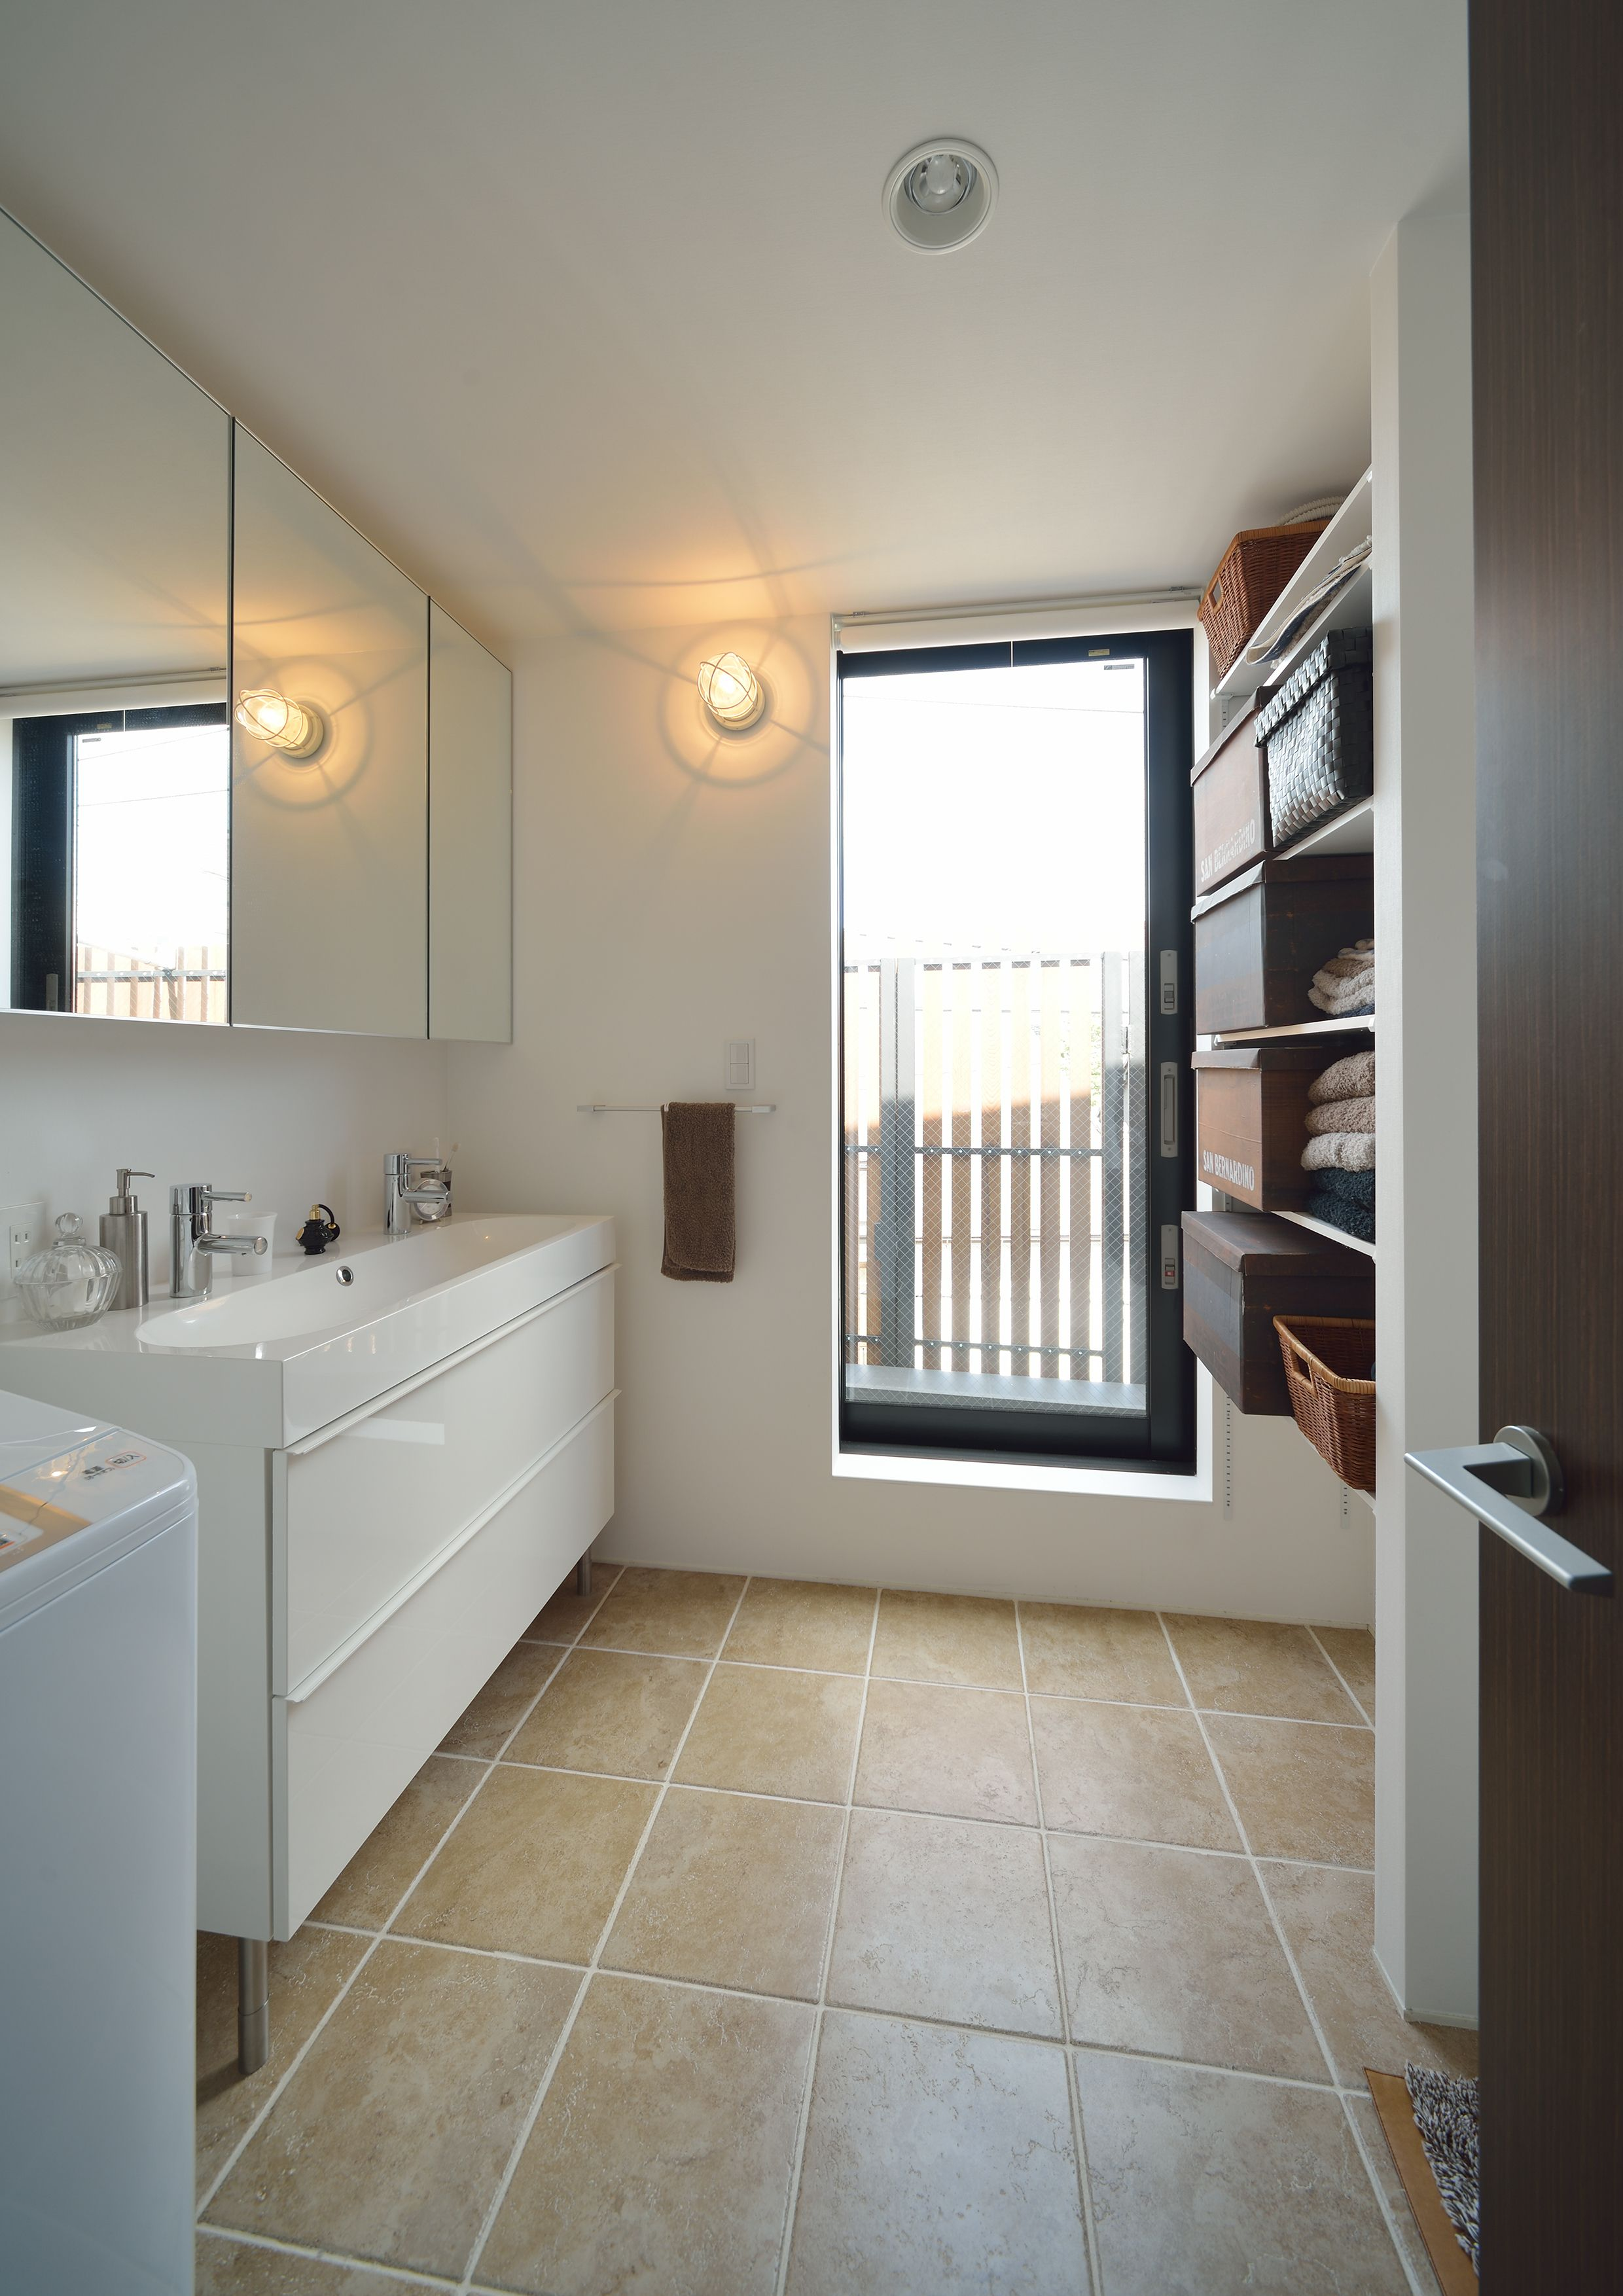 ベランダからの明るい光と床タイルが斬新な洗面所 洗面所 タイル